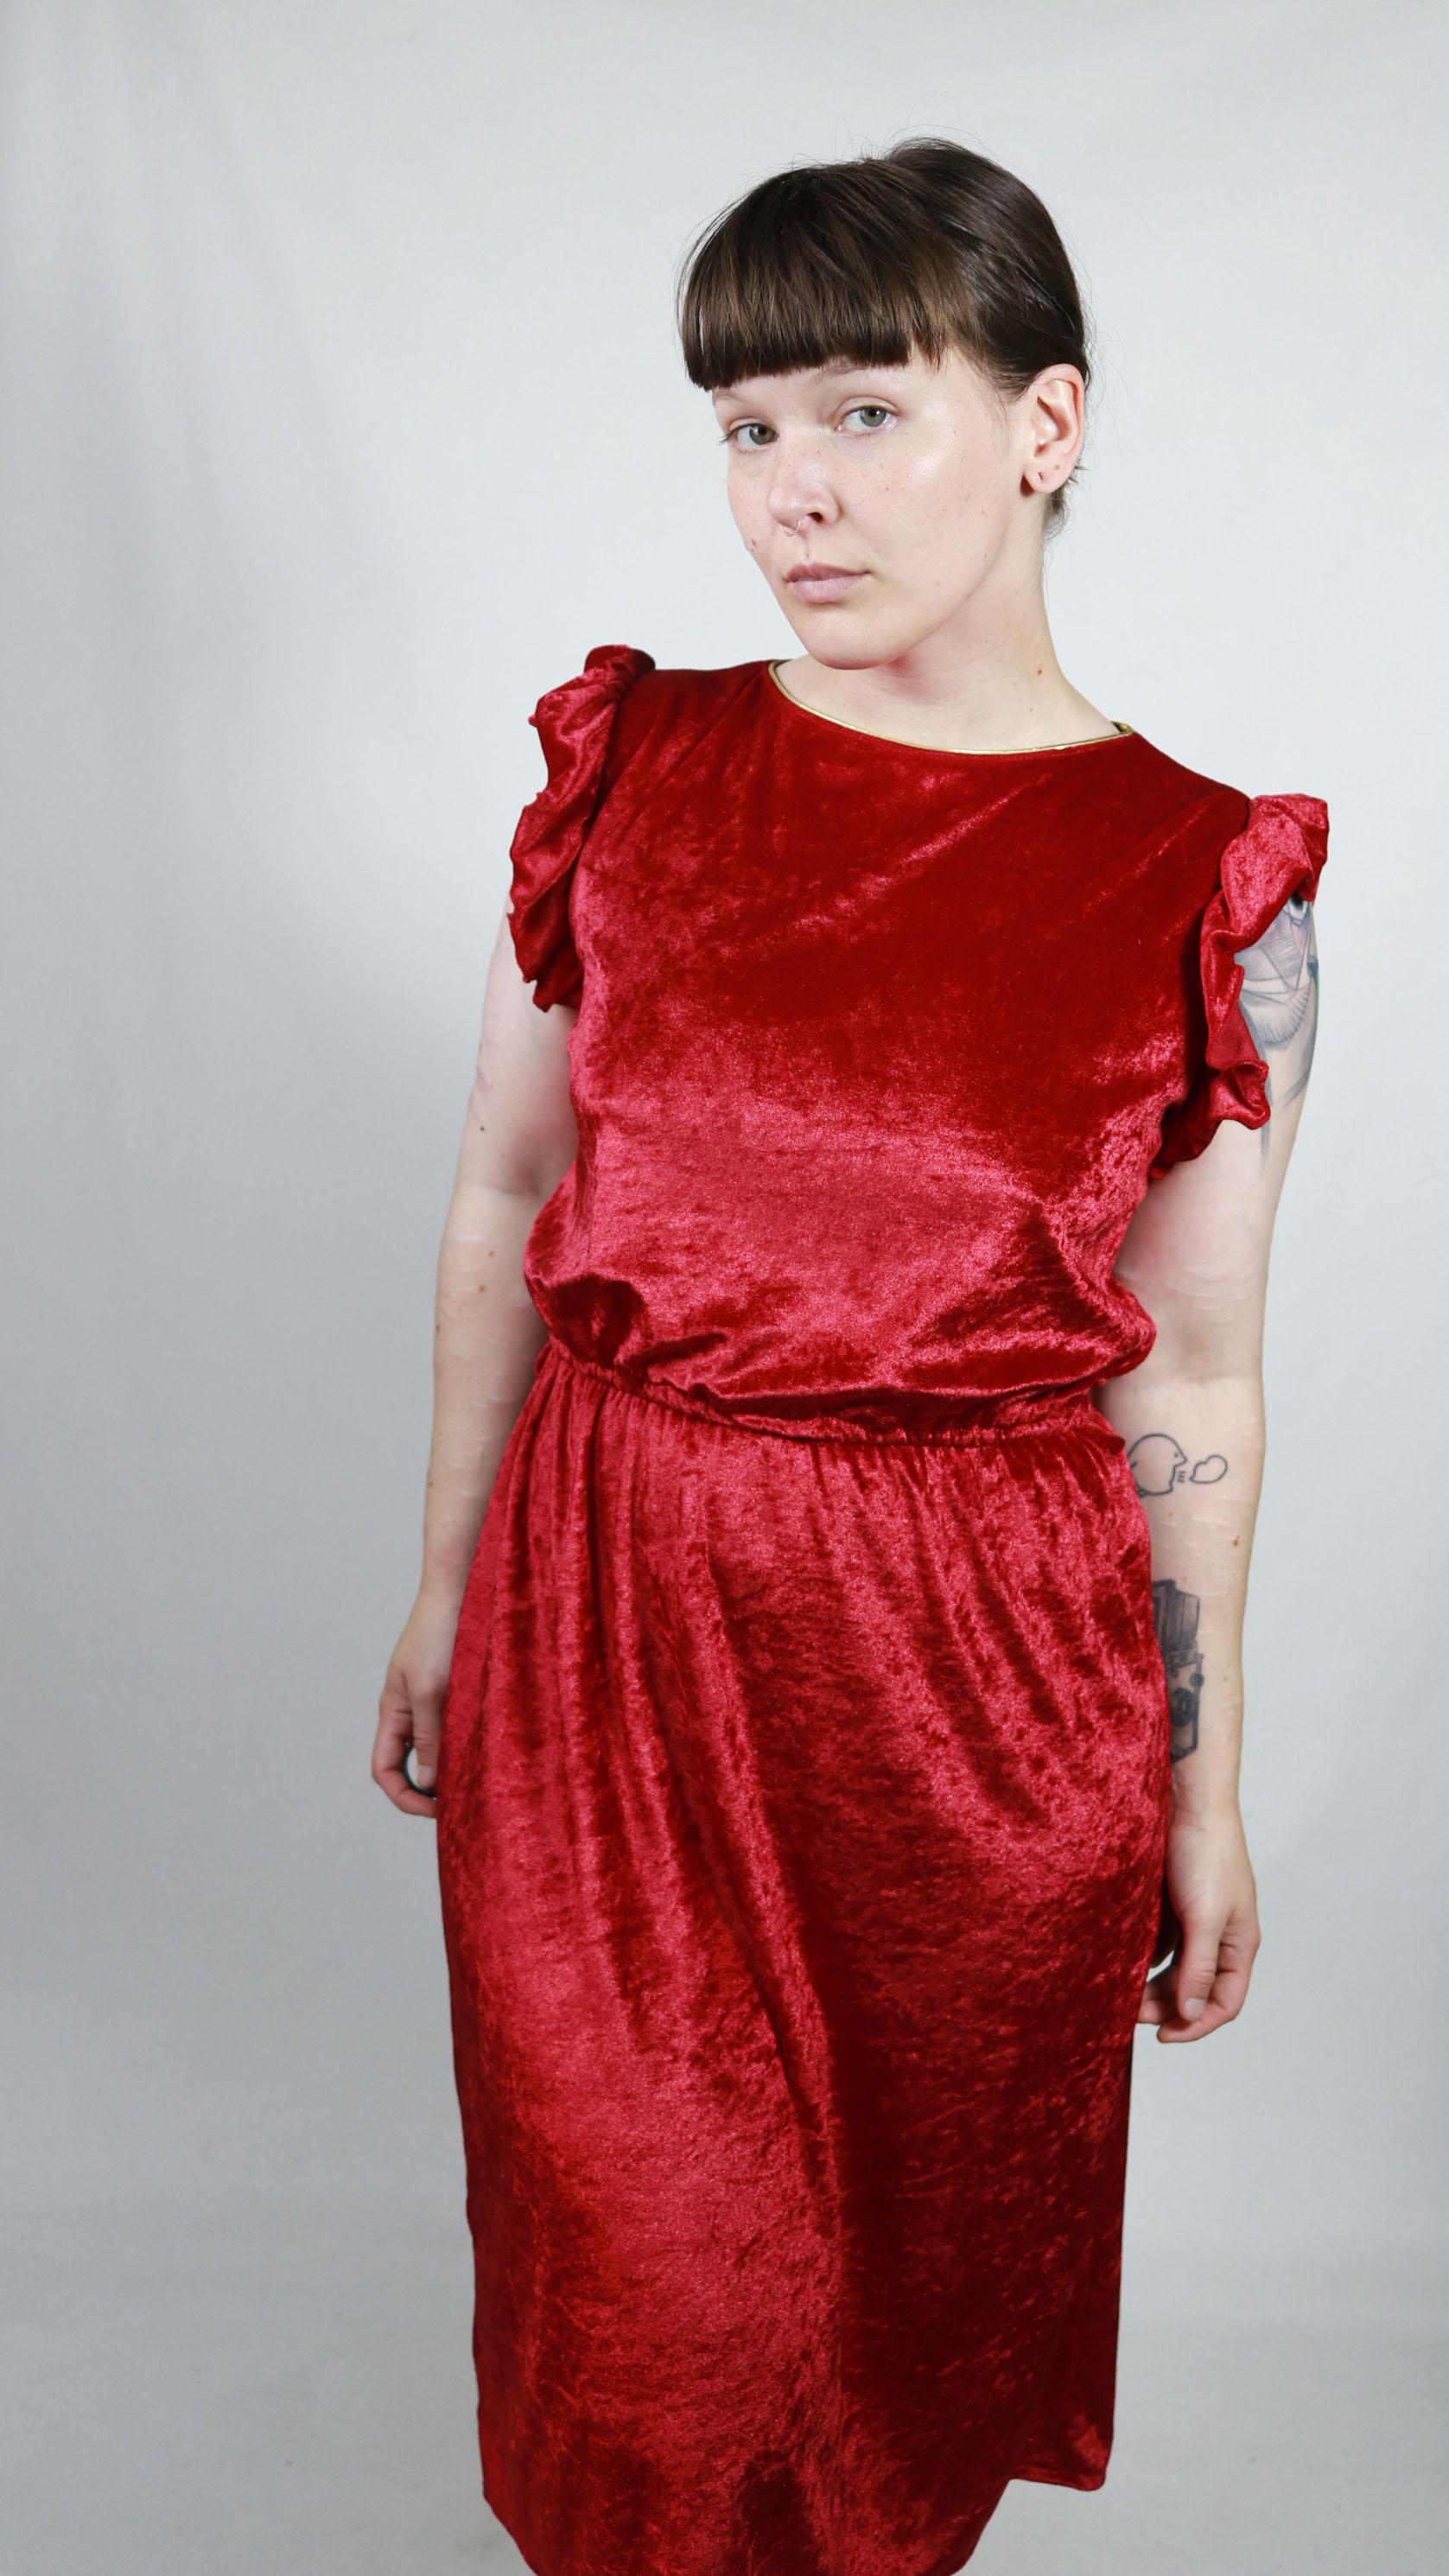 Knallrotes, samtiges Kleid mit kurzen, verspielten Ärmeln ...